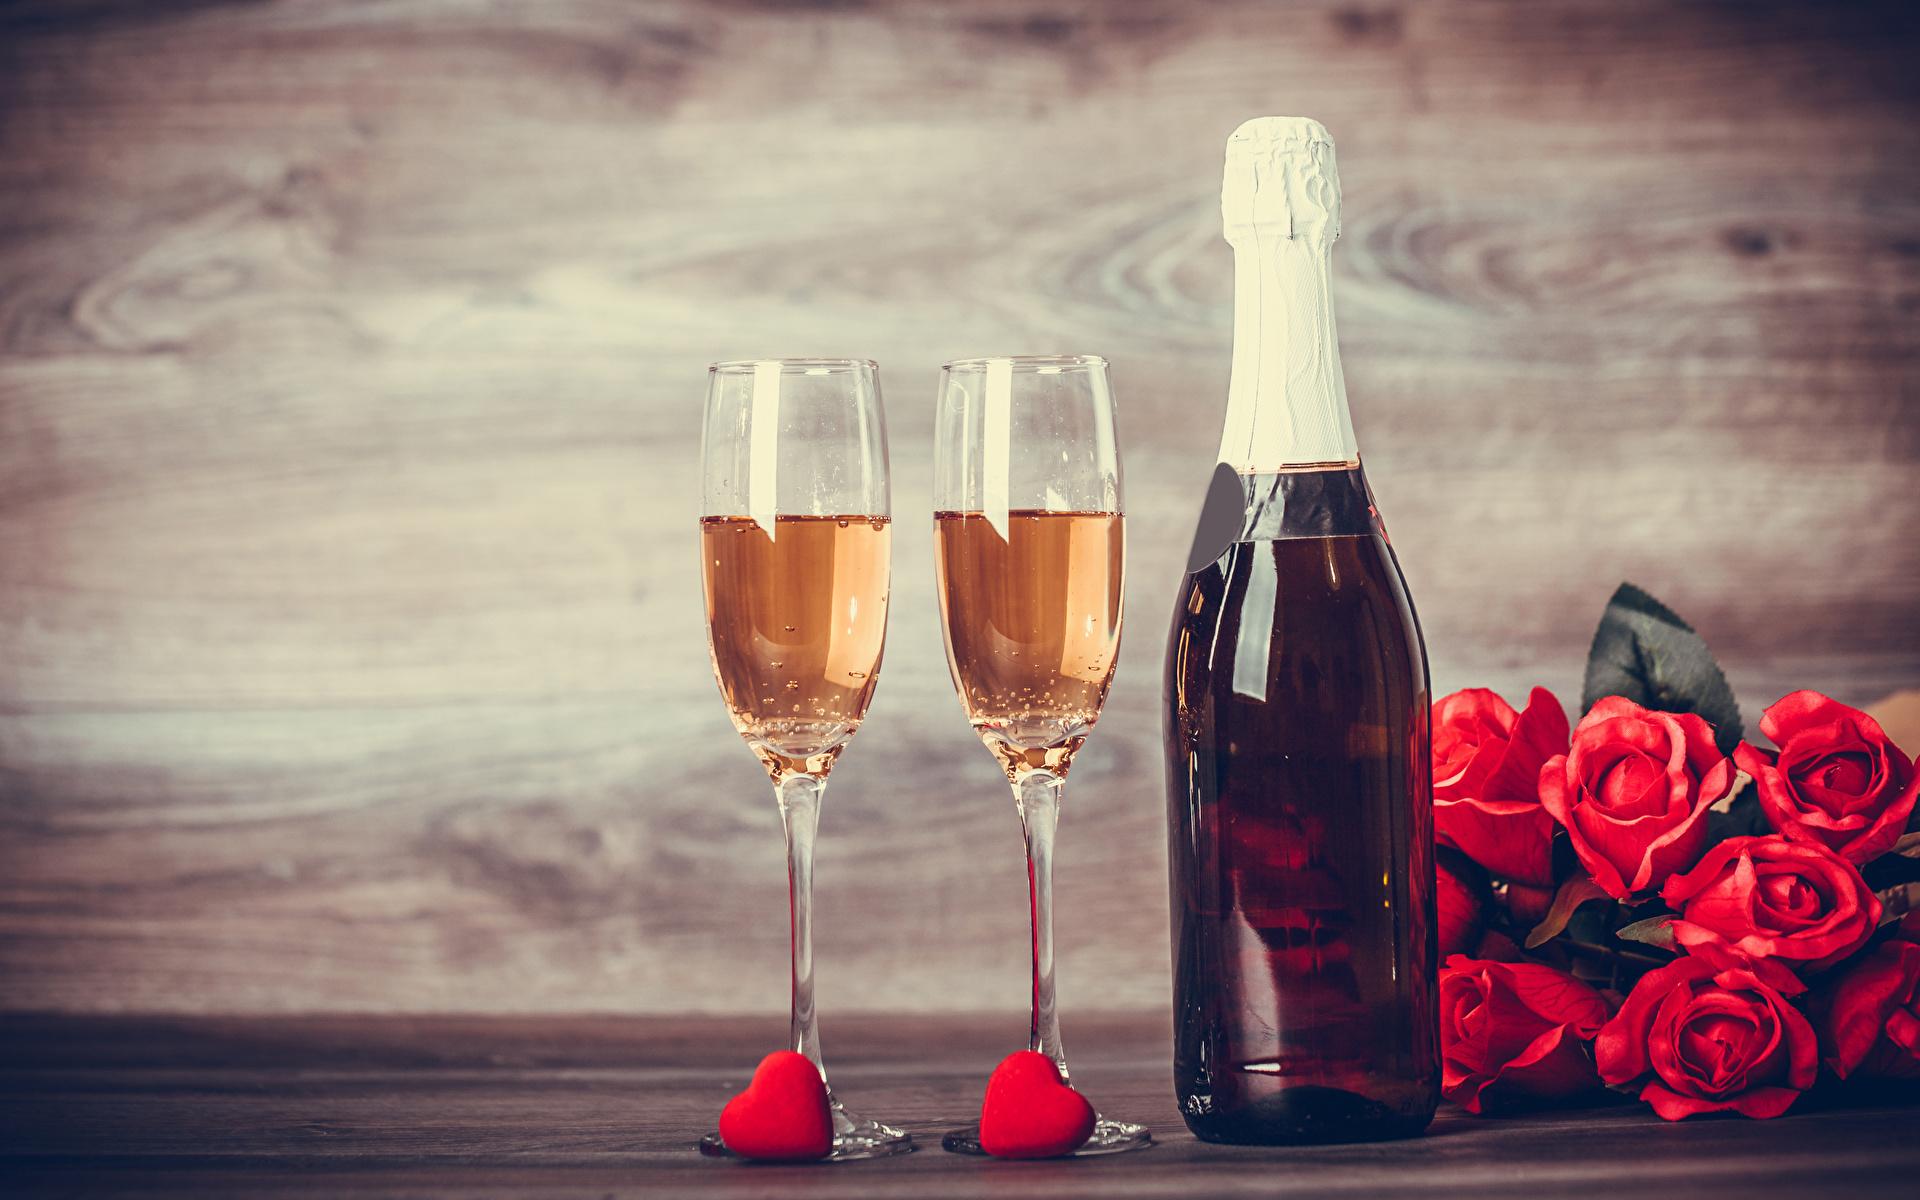 Фотографии День святого Валентина сердечко Розы Красный Шампанское Цветы Бокалы Бутылка Продукты питания 1920x1200 День всех влюблённых Сердце Игристое вино Еда Пища